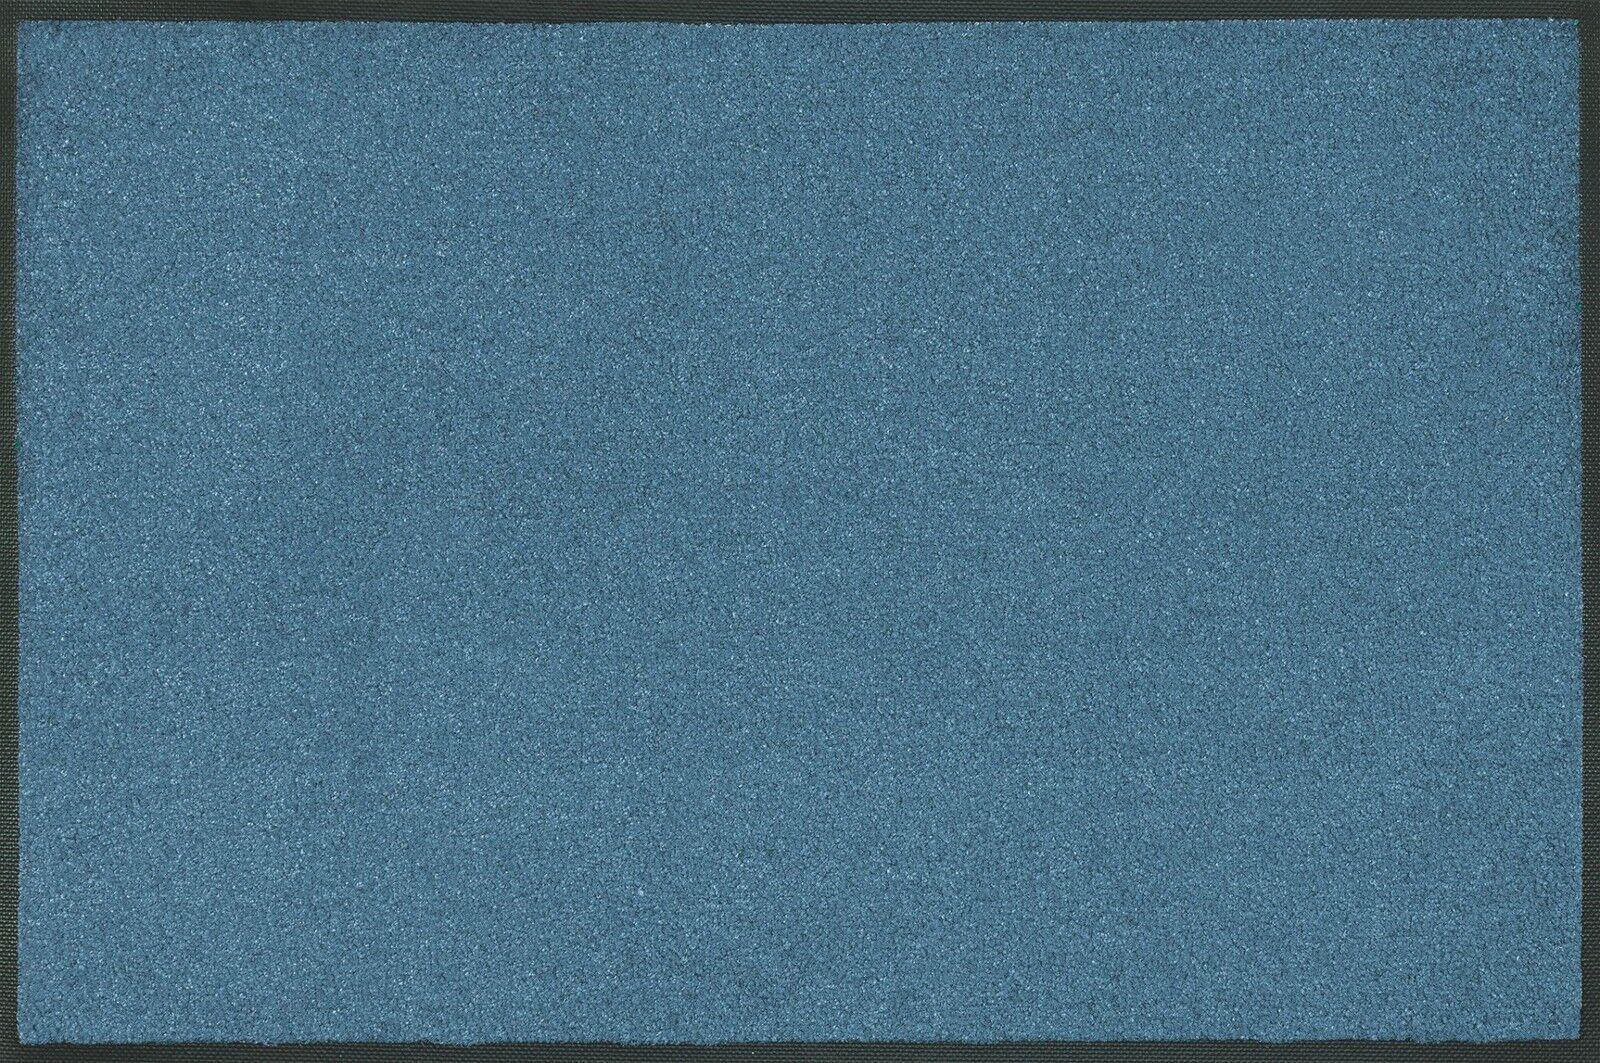 Wash+dry Trend Colour Steel Blau Blau Blau waschbare Fußmatte stahlblau Schmutzmatte 920ab5